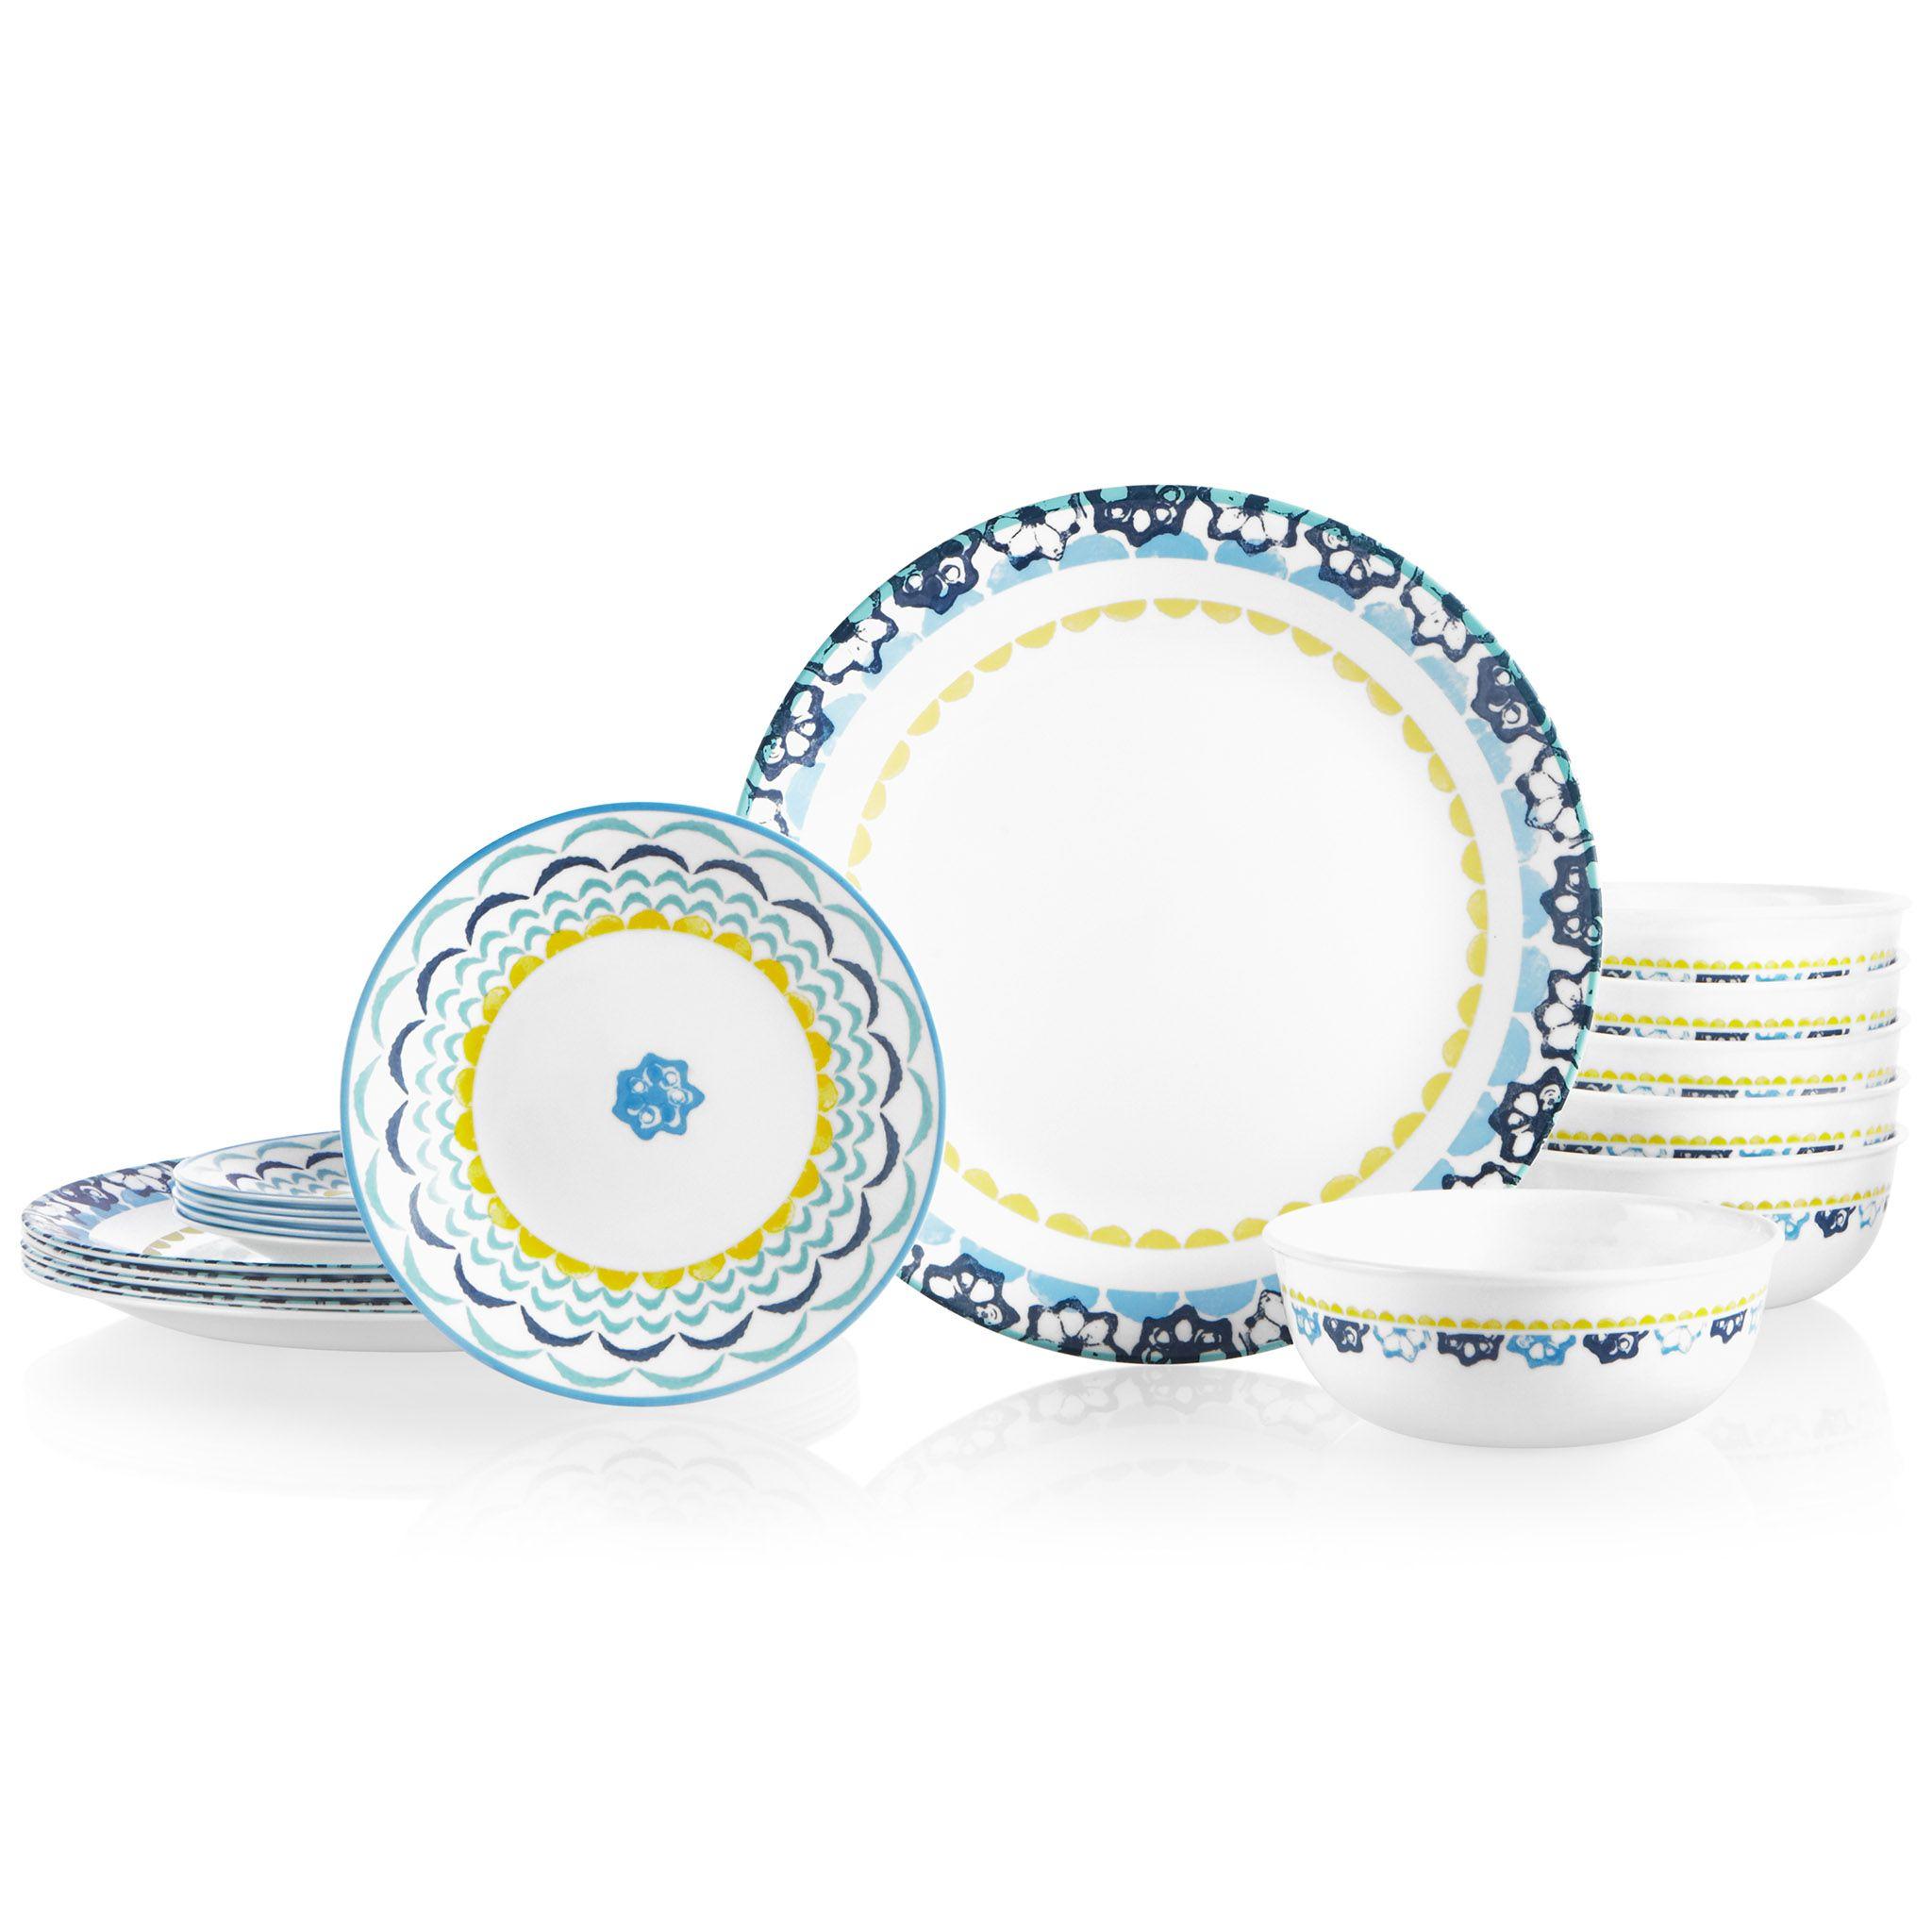 Boho Daydream 18-piece Dinnerware Set, Service for 6